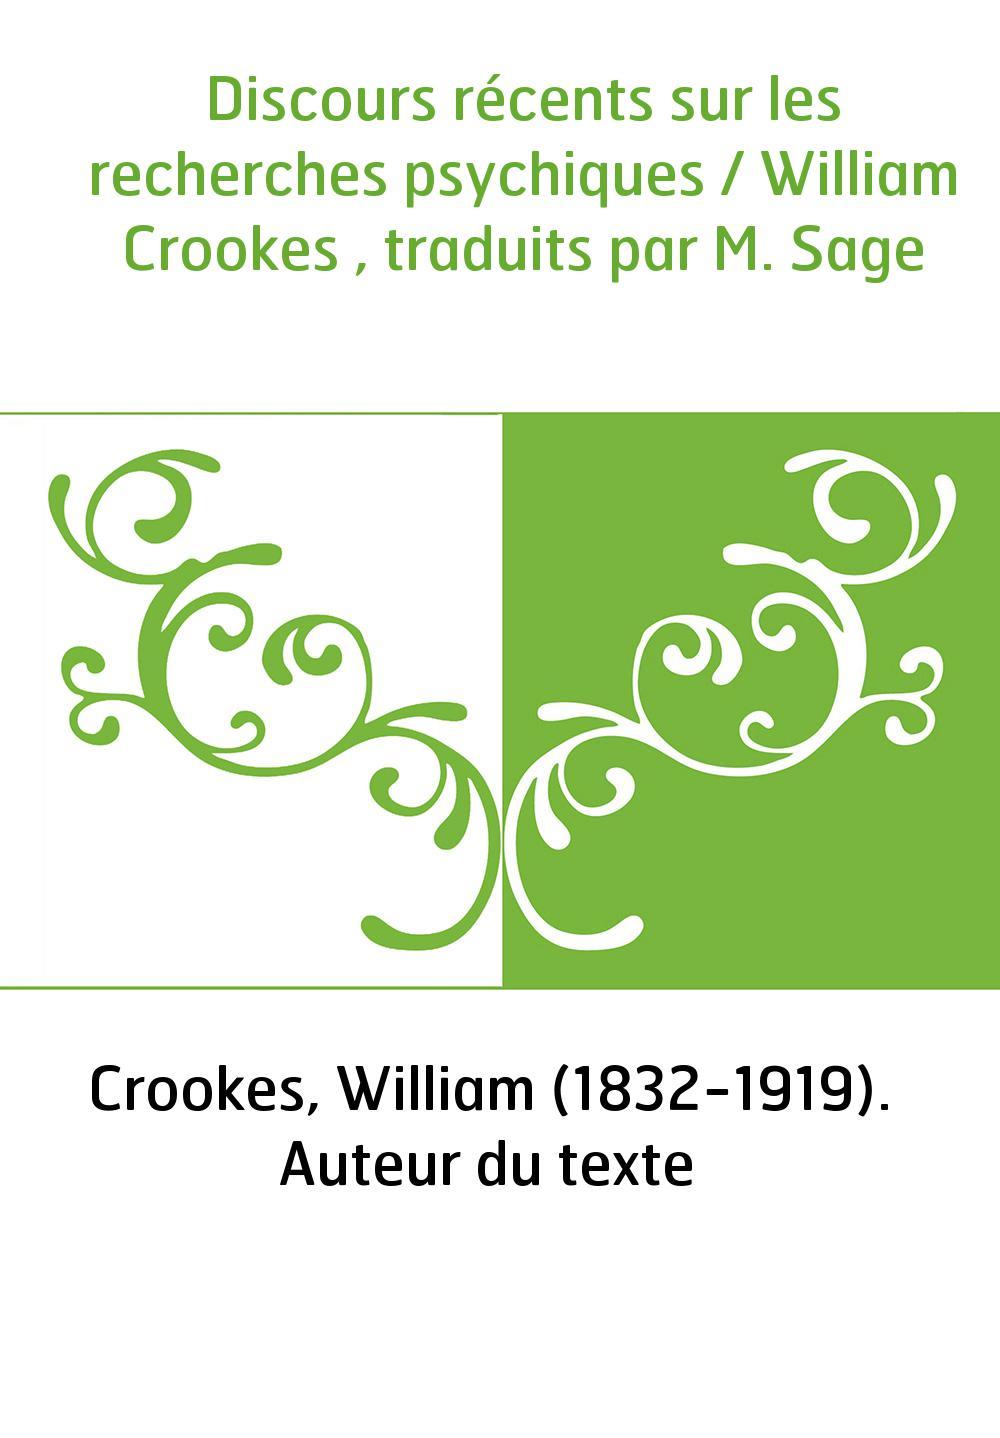 Discours récents sur les recherches psychiques / William Crookes , traduits par M. Sage